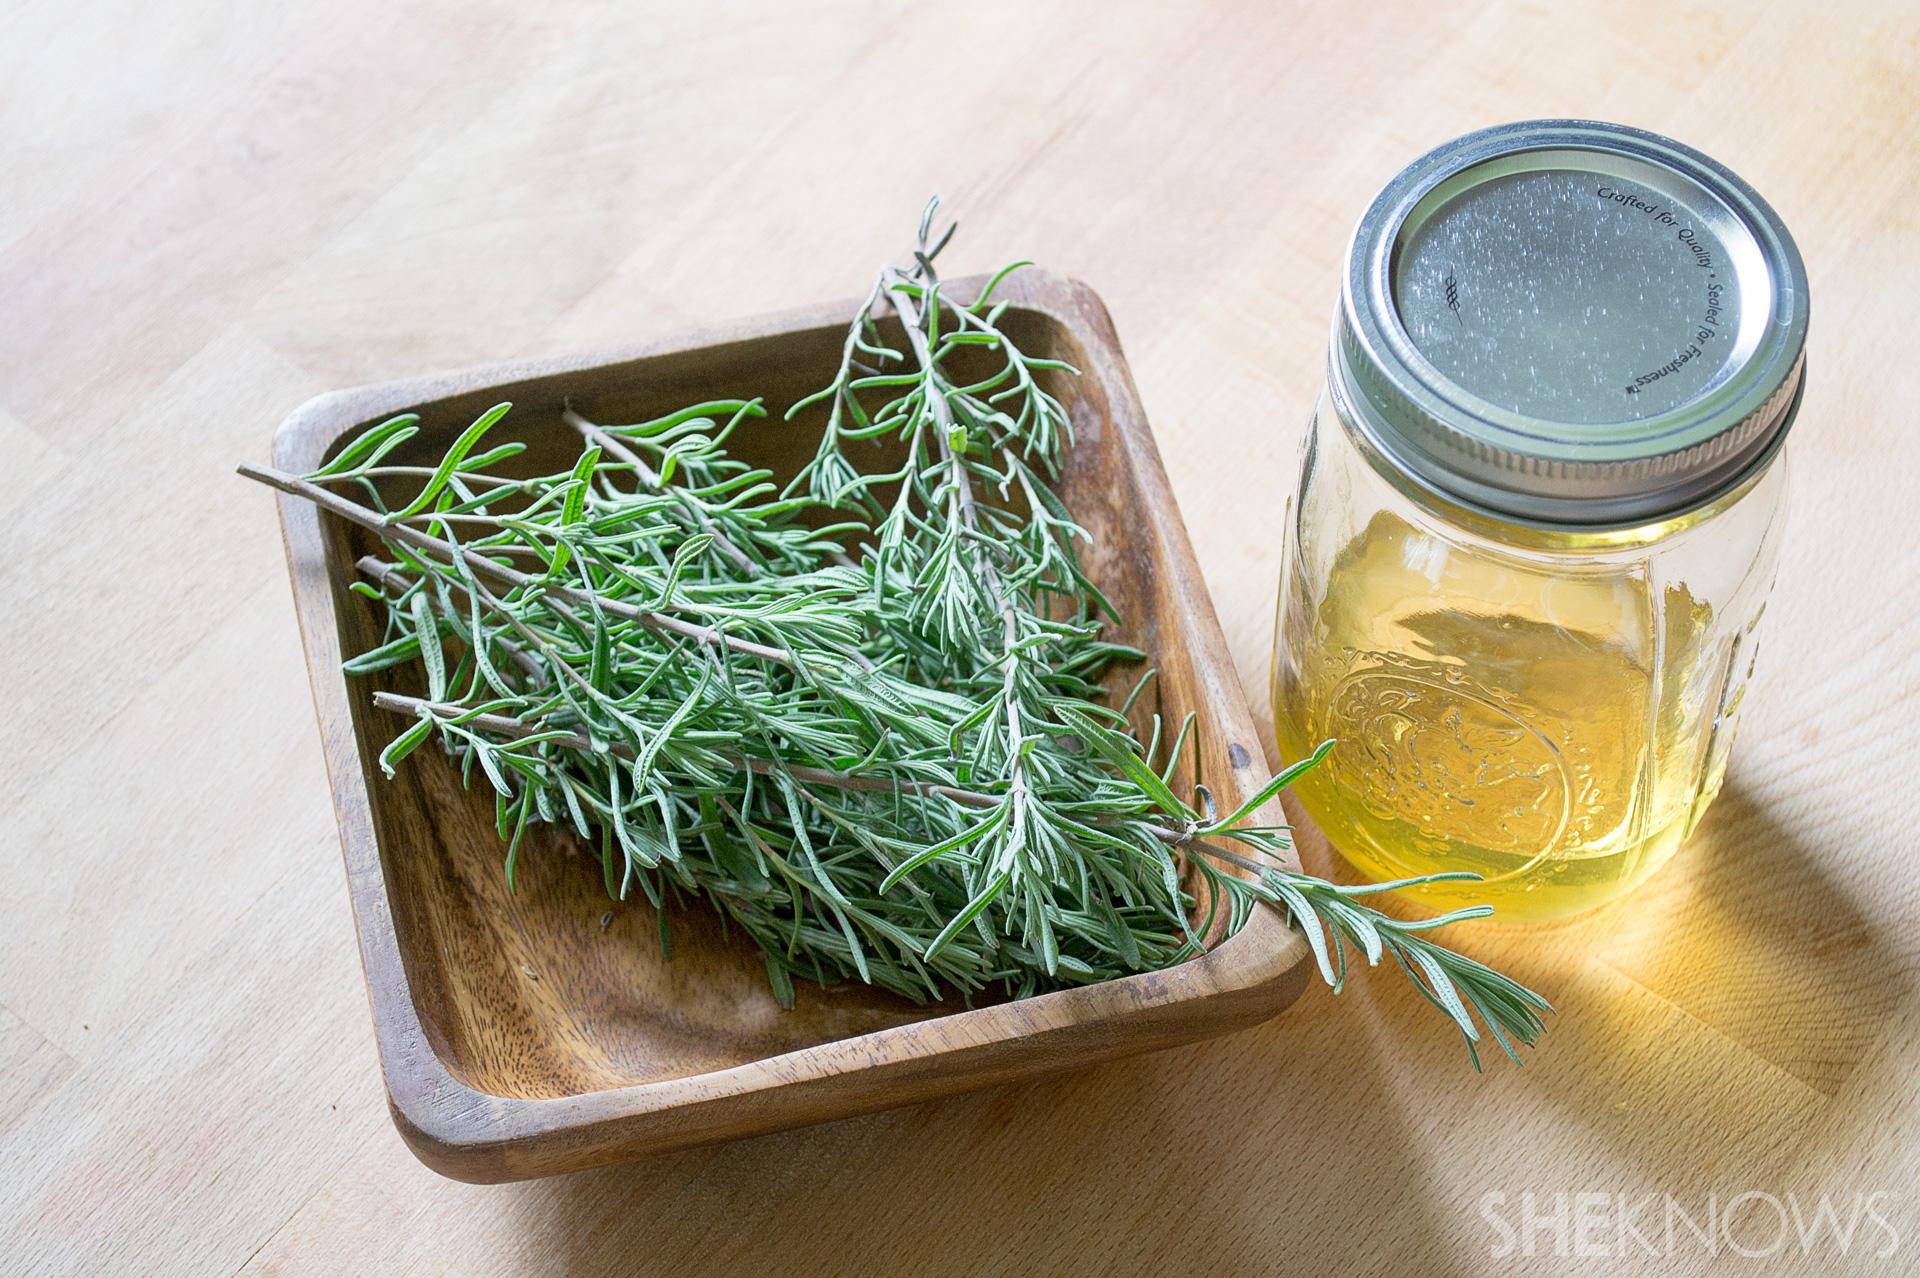 herbal infused oils